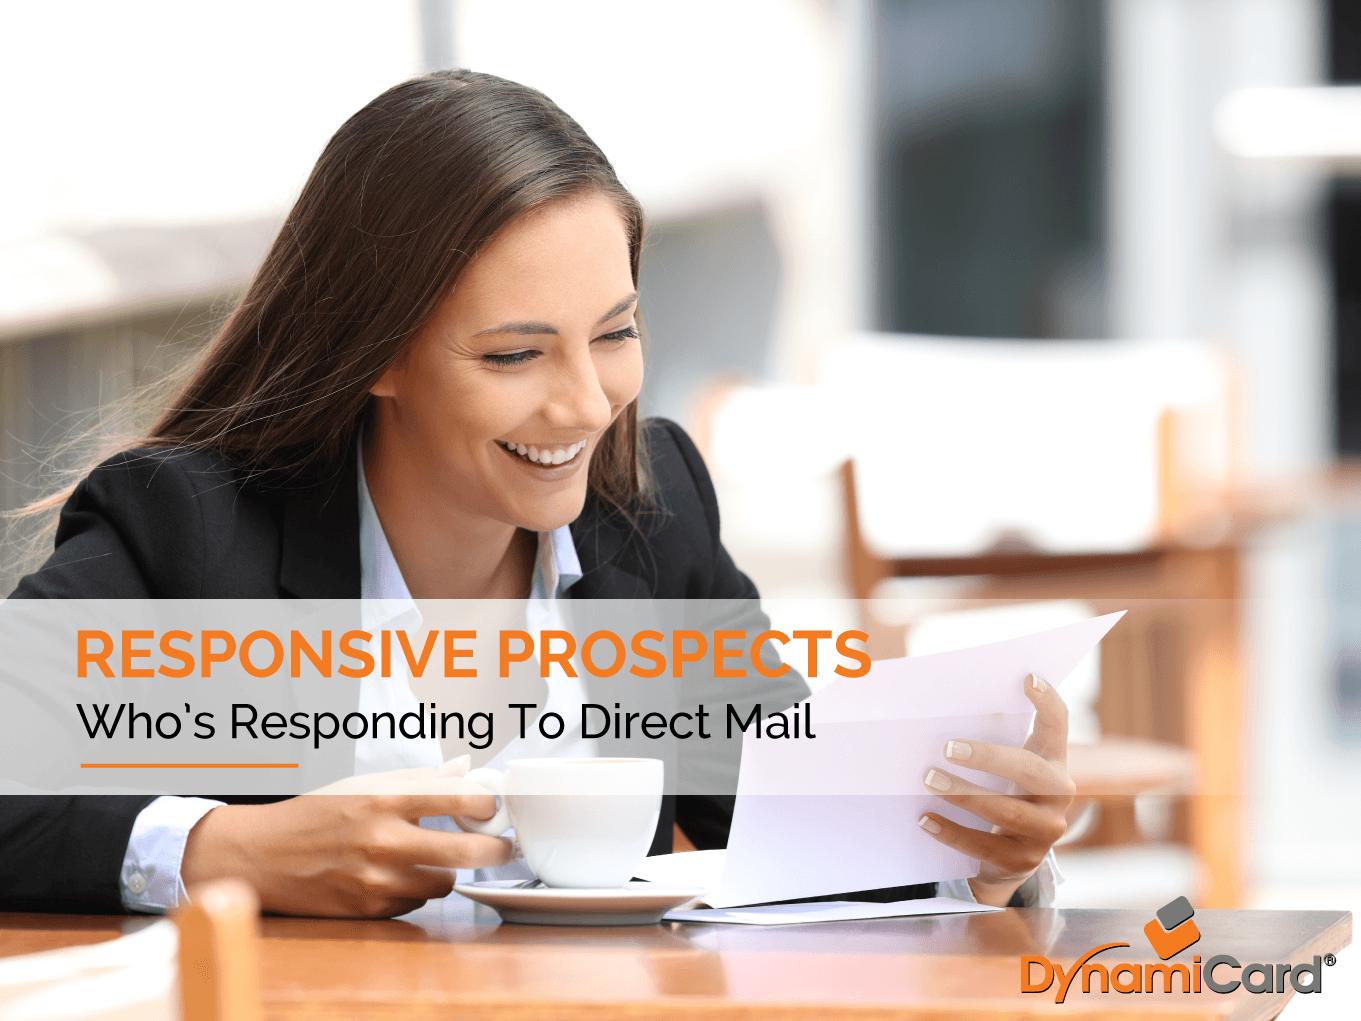 Responsive Prospects